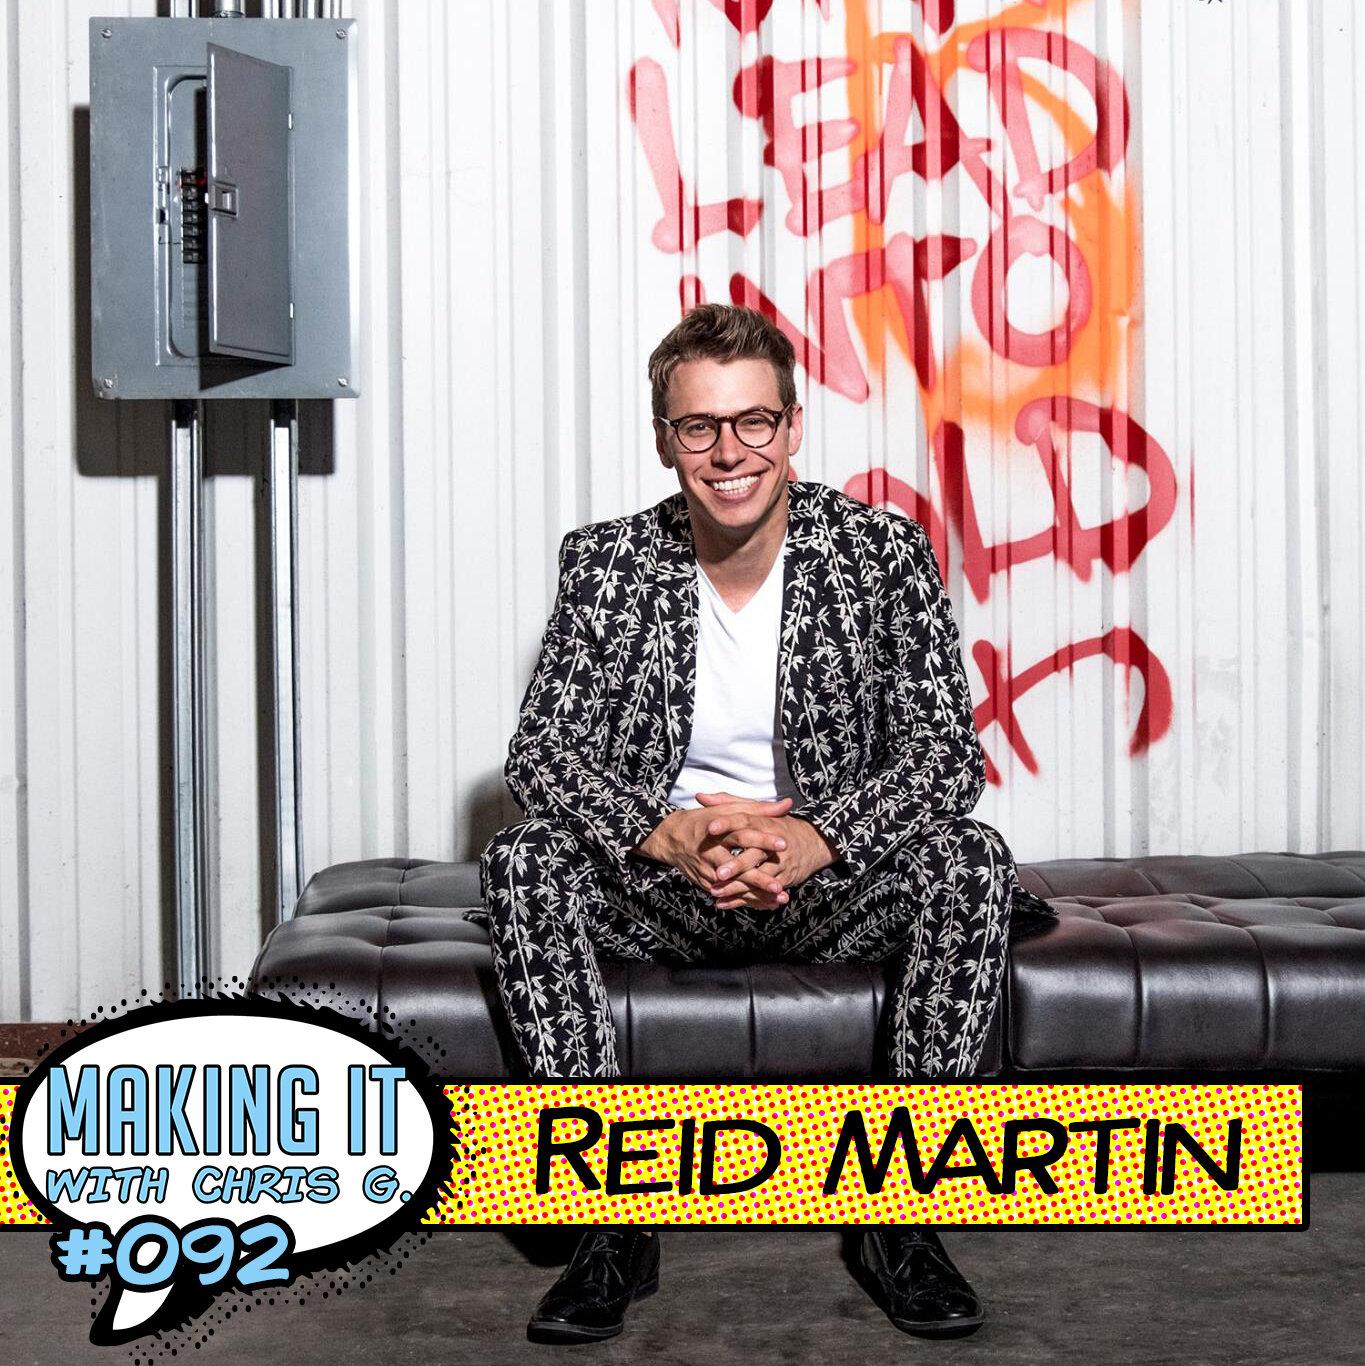 Reid Marting, MidCitizen